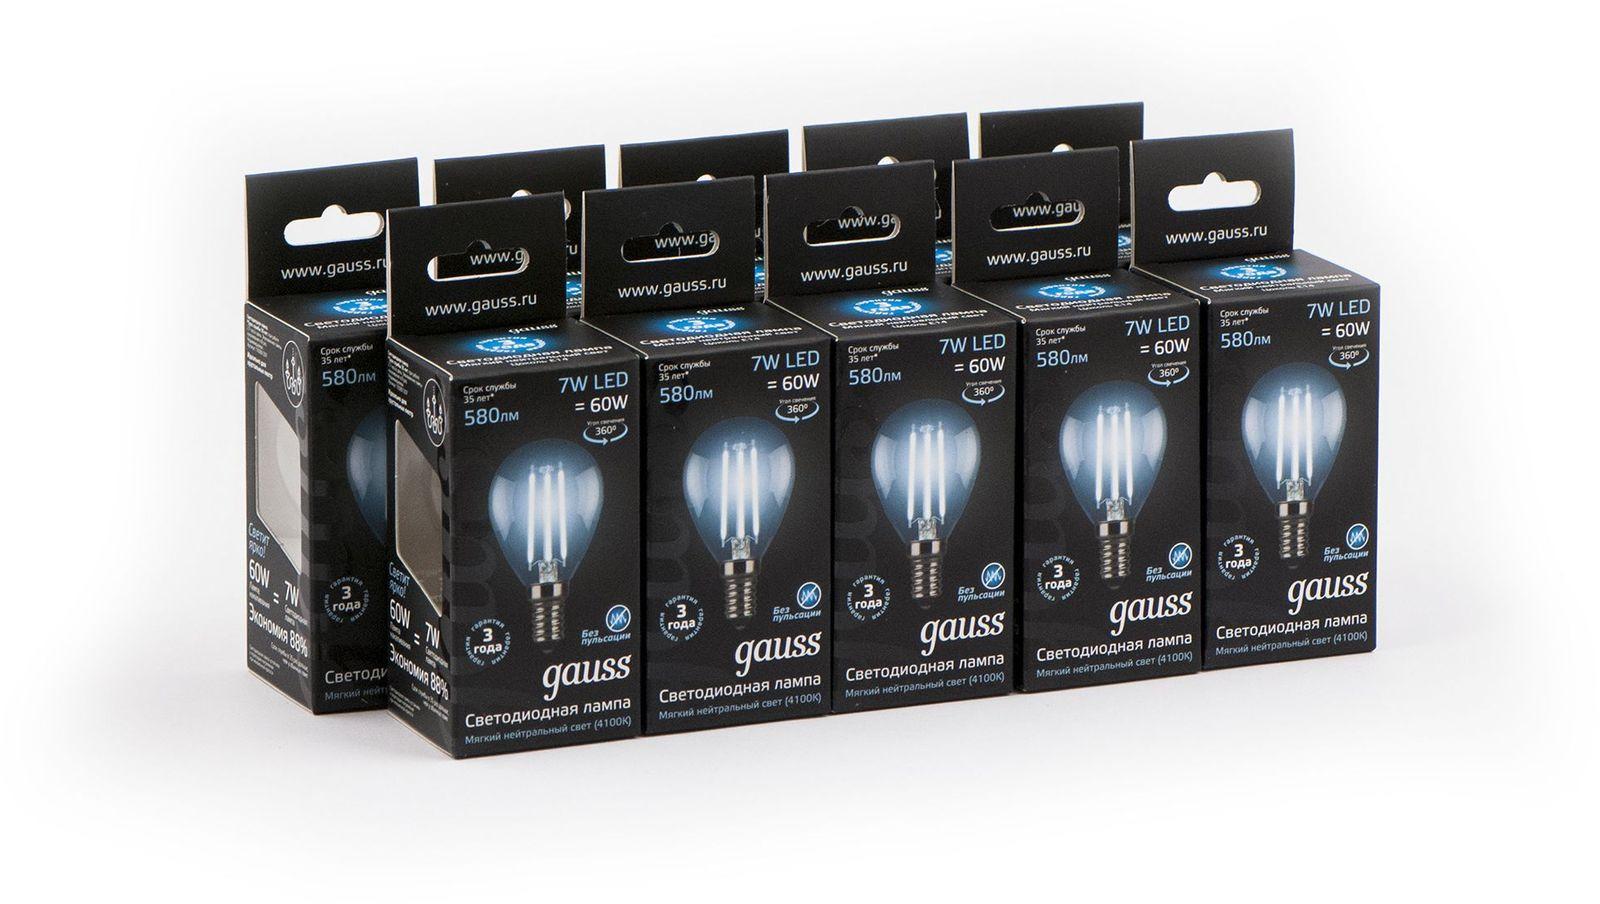 gauss лампа светодиодная gauss led filament candle e14 7w 2700к 1 10 50 103801107 Лампочка Gauss Светодиодная Black Filament Шар 10 шт, Нейтральный свет 7 Вт, Светодиодная